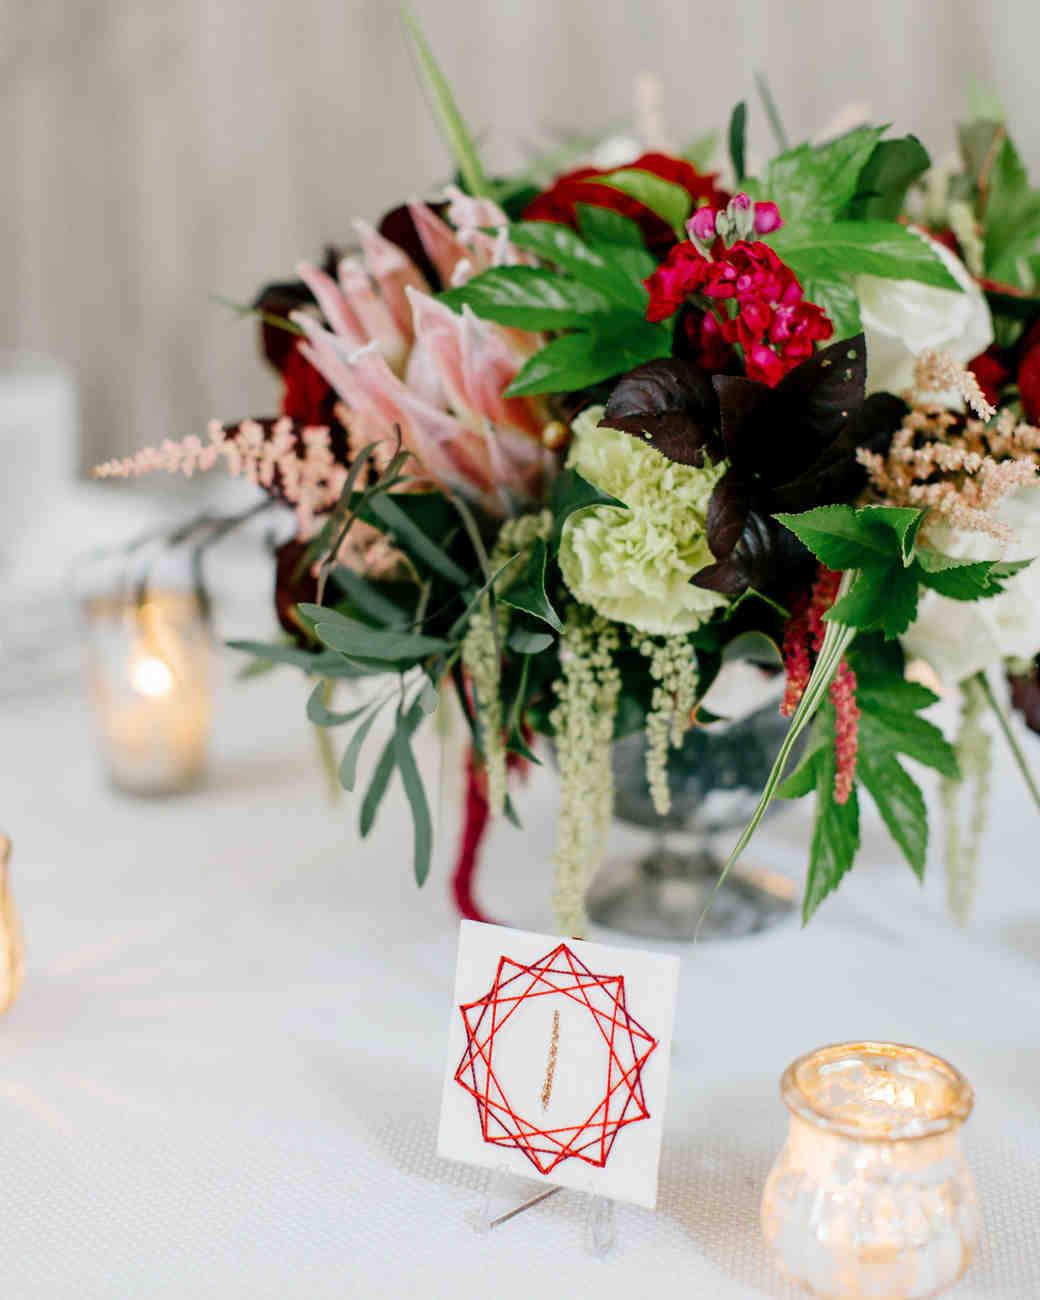 susan-tom-wedding-tablenumber-240-s112692-0316.jpg